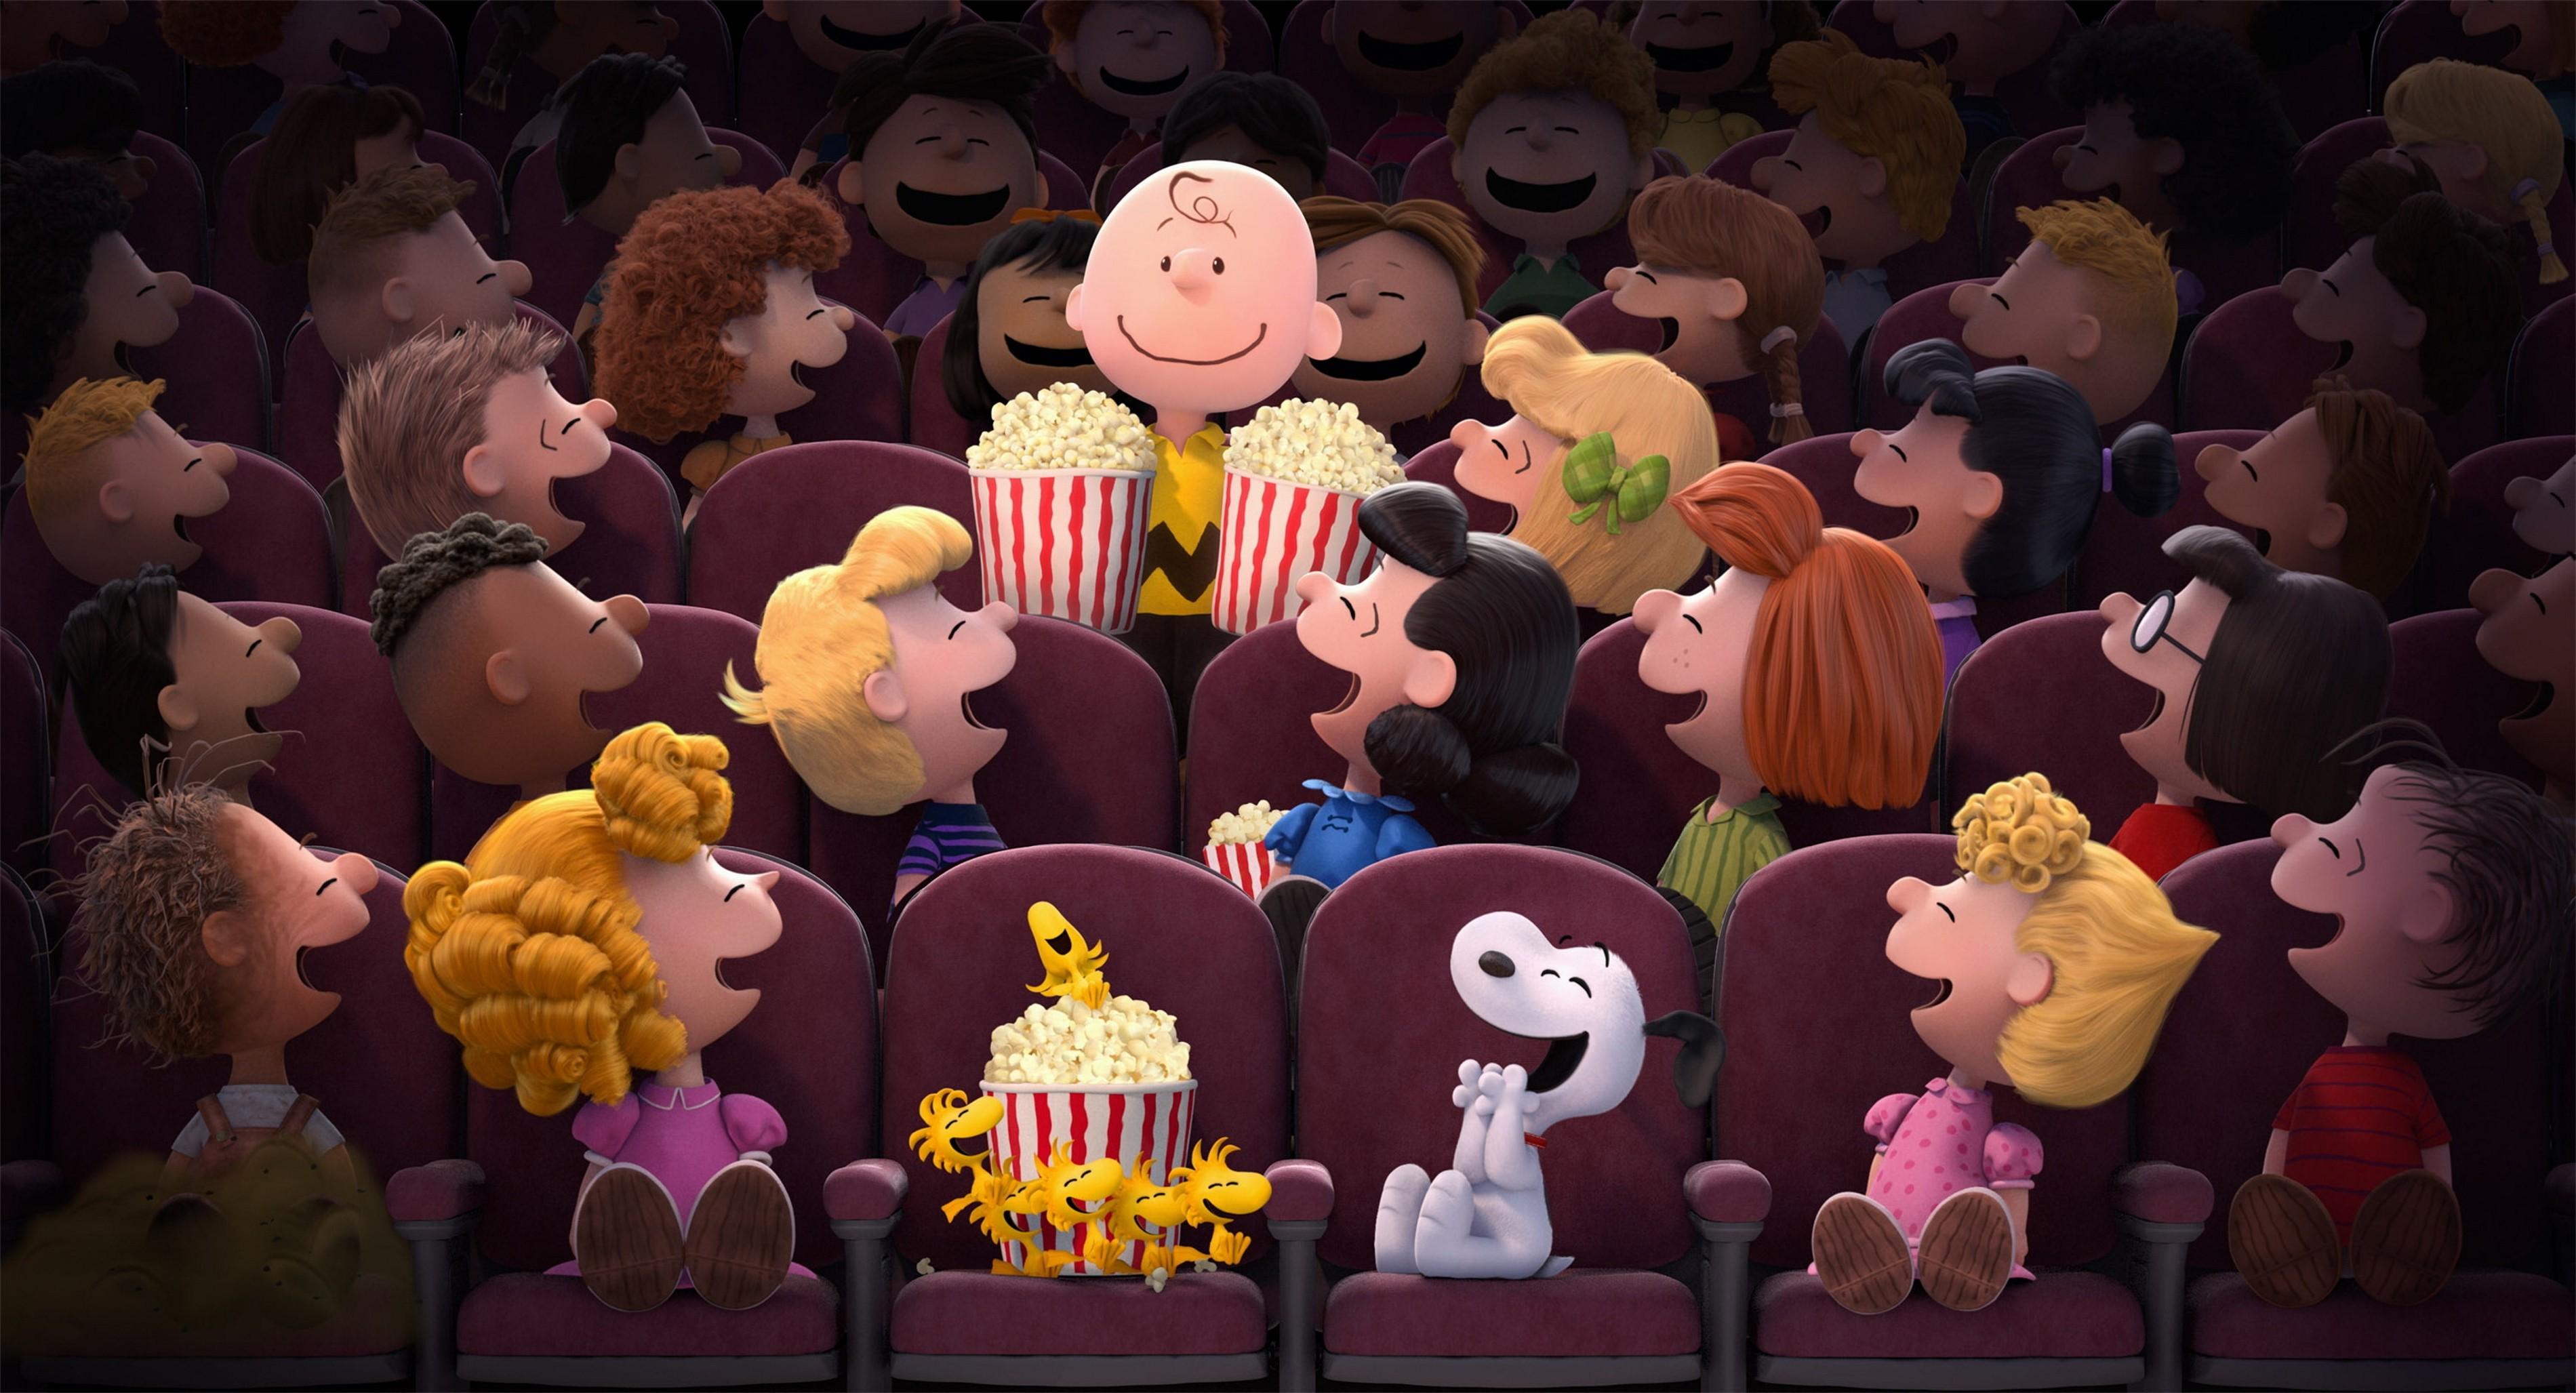 Charlie Brown Snoopy Wallpaper Hd